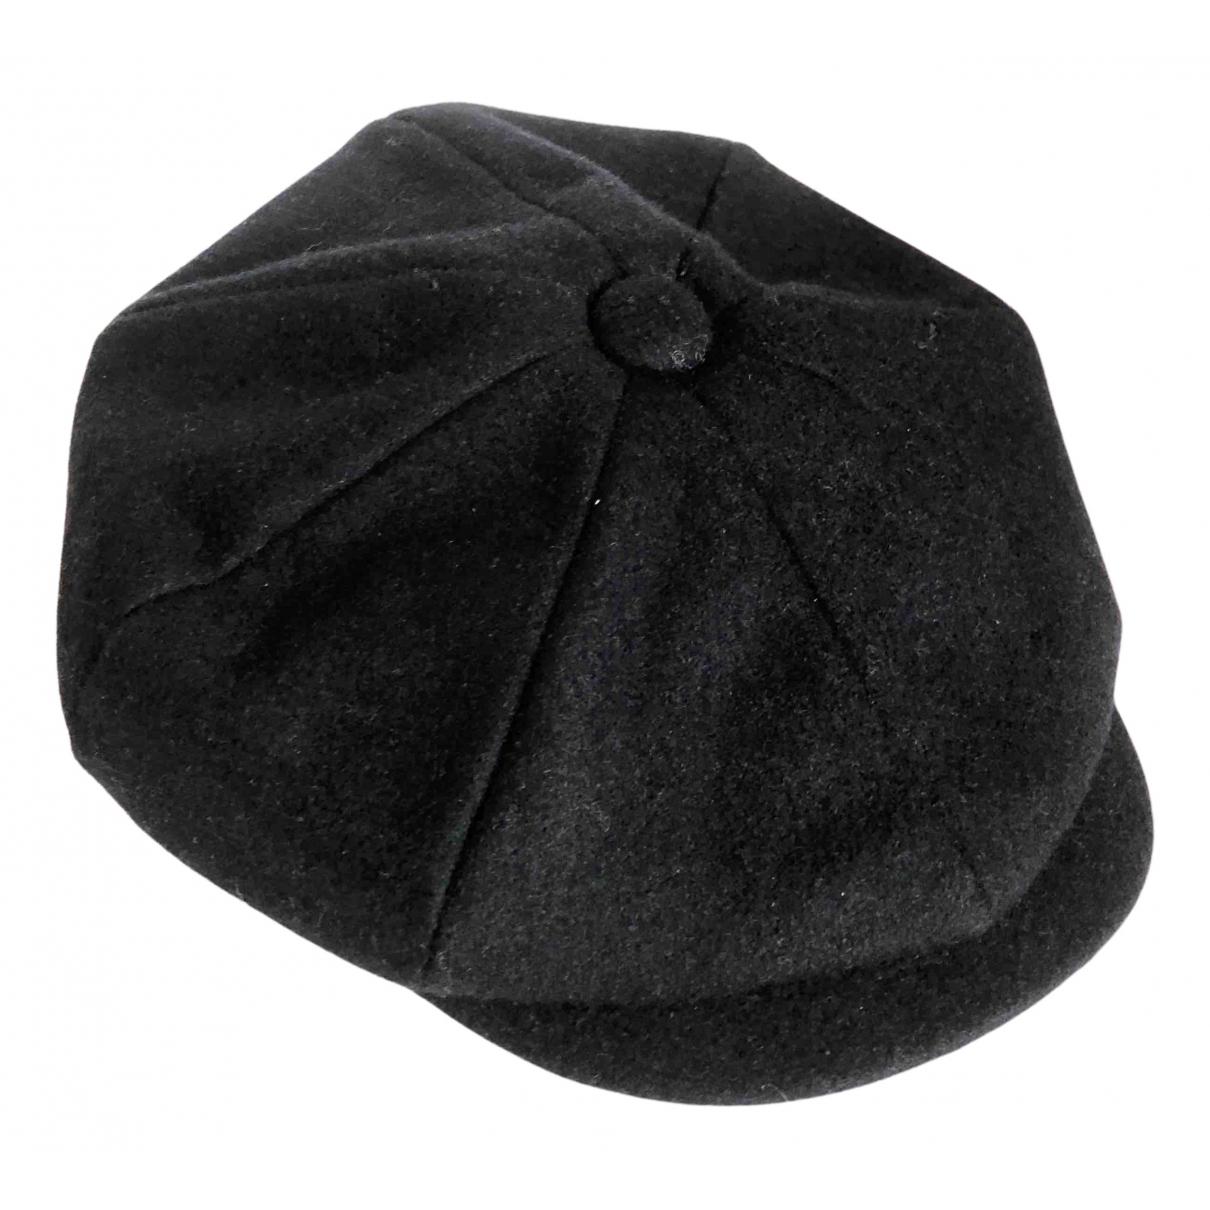 John Lewis \N Hut, Muetzen in  Schwarz Wolle